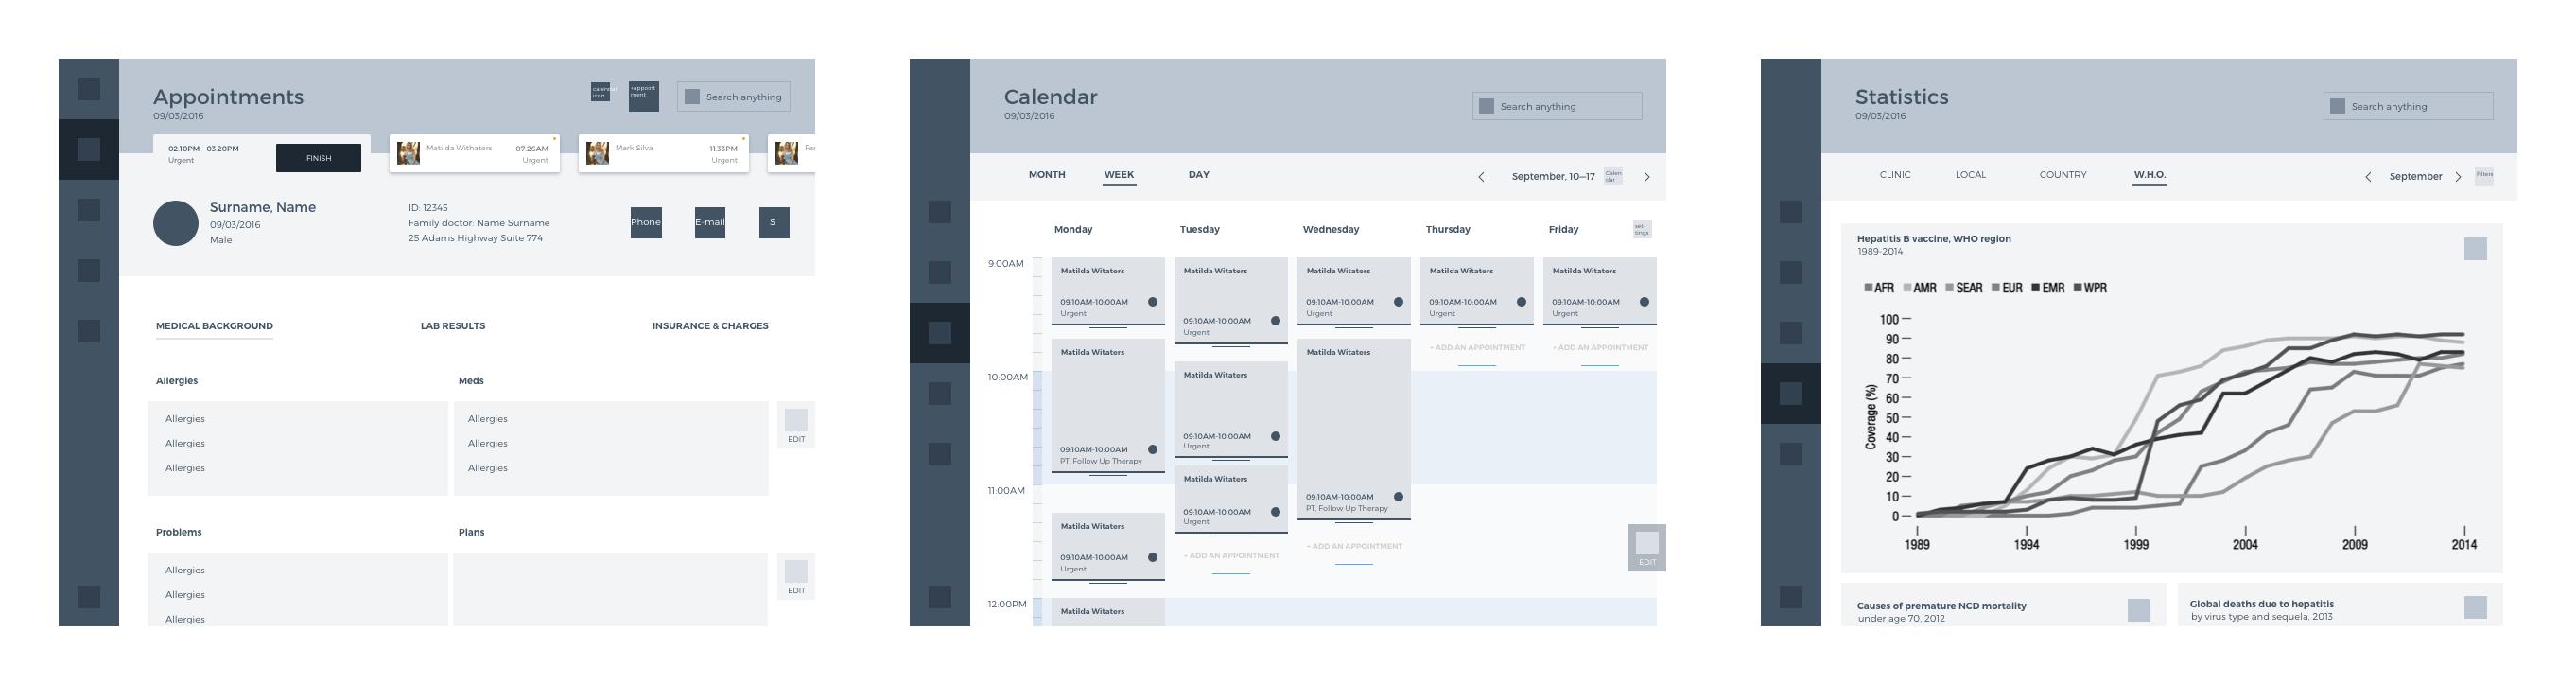 health care app UX design